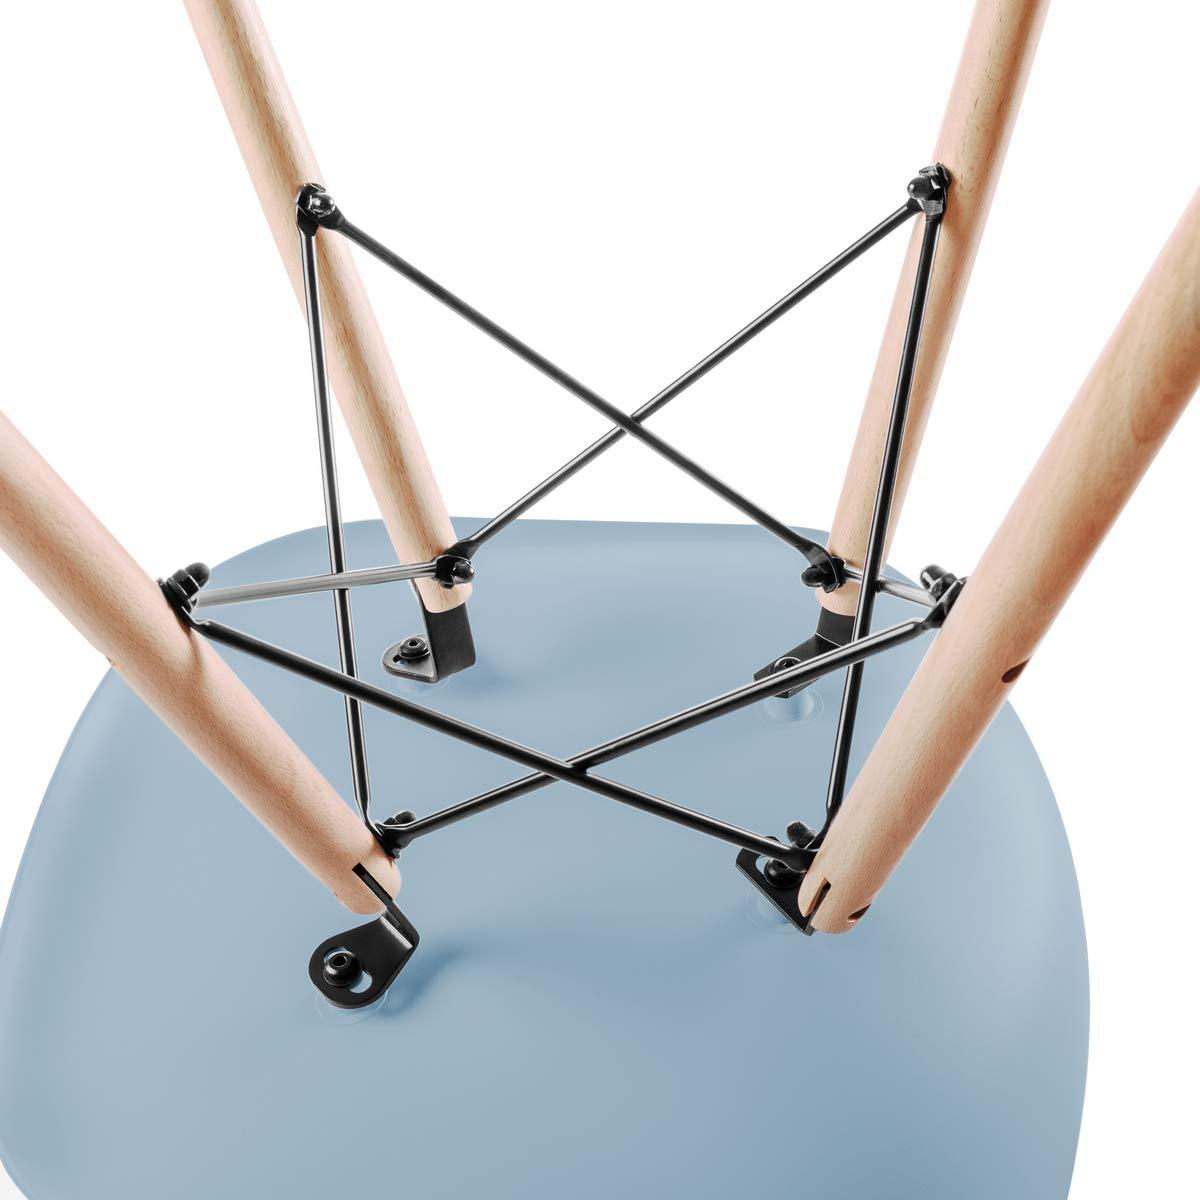 51x46x82 cm Haya y Polipropileno 2 Unidades McHaus Azul Claro Pack de Sillas de Comedor de Dise/ño N/órdico